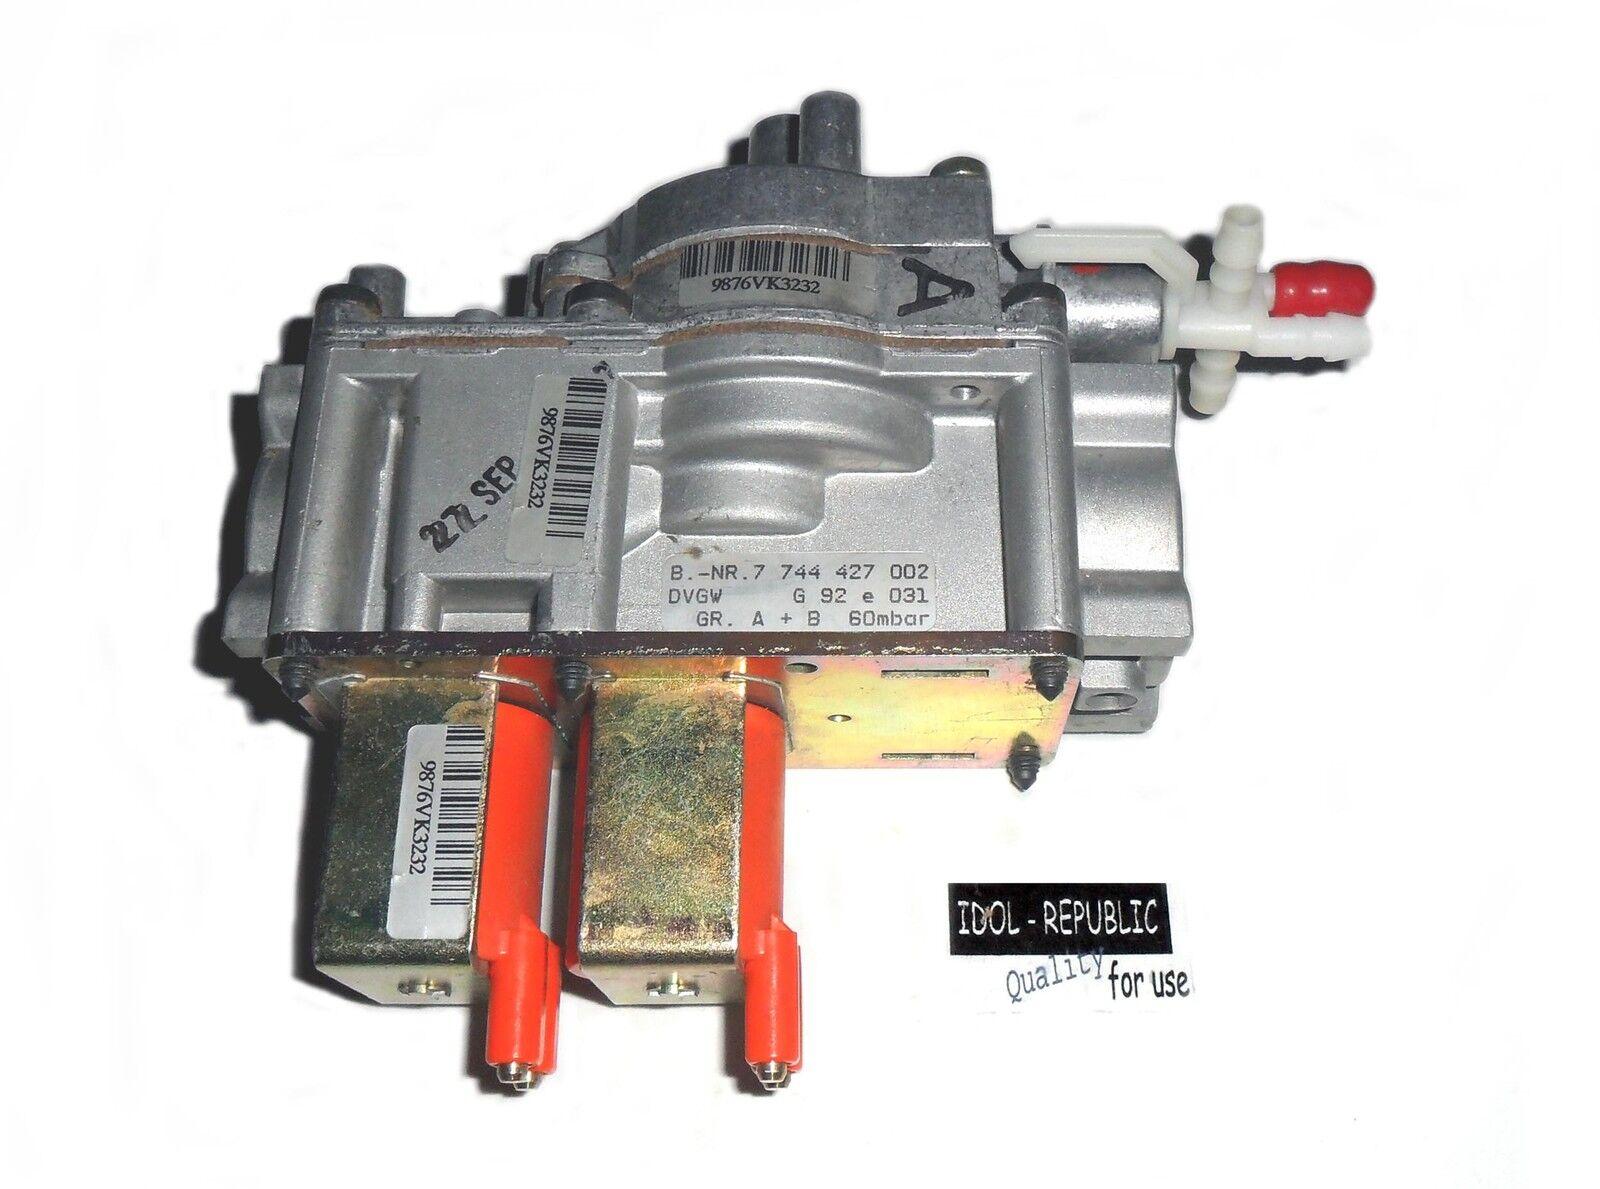 Junkers - Gasarmatur - CE CE CE 427 - 7 744 427 002 - CE427 - 7744427002 f485d7